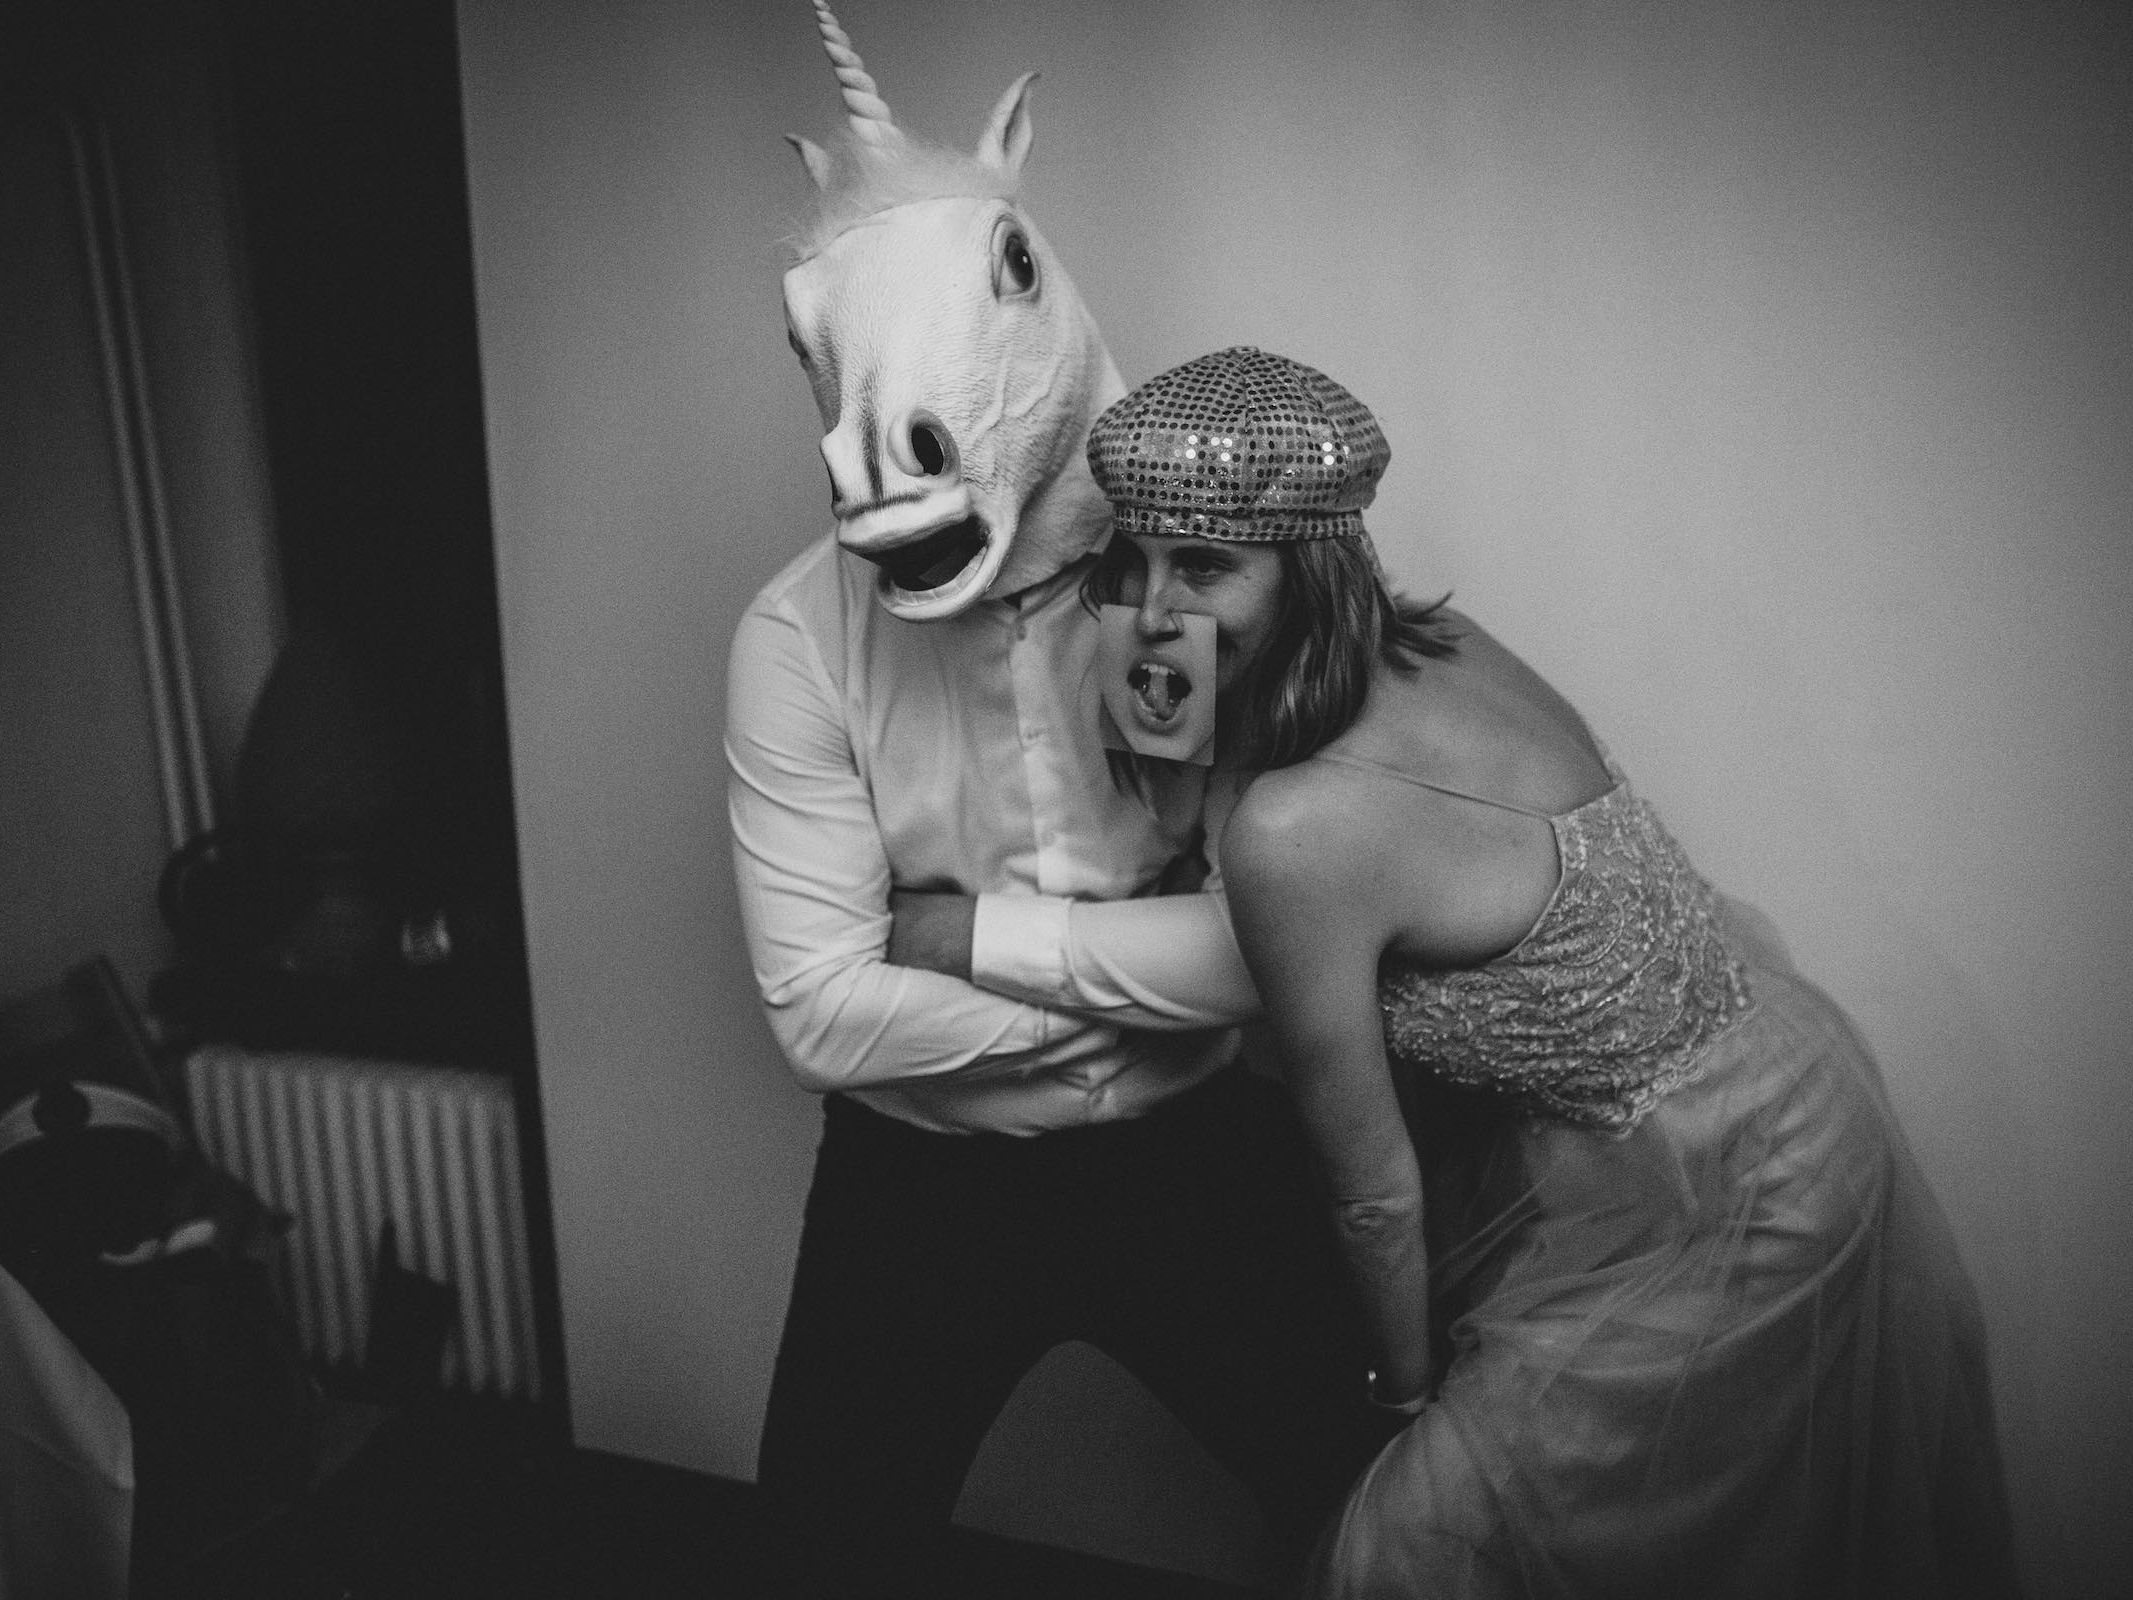 Berggasthaus | Niedersachsen | Hochzeit | Geburtstag | Firmenfeier | Feiern | Locations | Fotobox | Photobooth | Fotoglotze | Fotokiste | Fotoautomat | Referenz | Lehmann | Eventservice